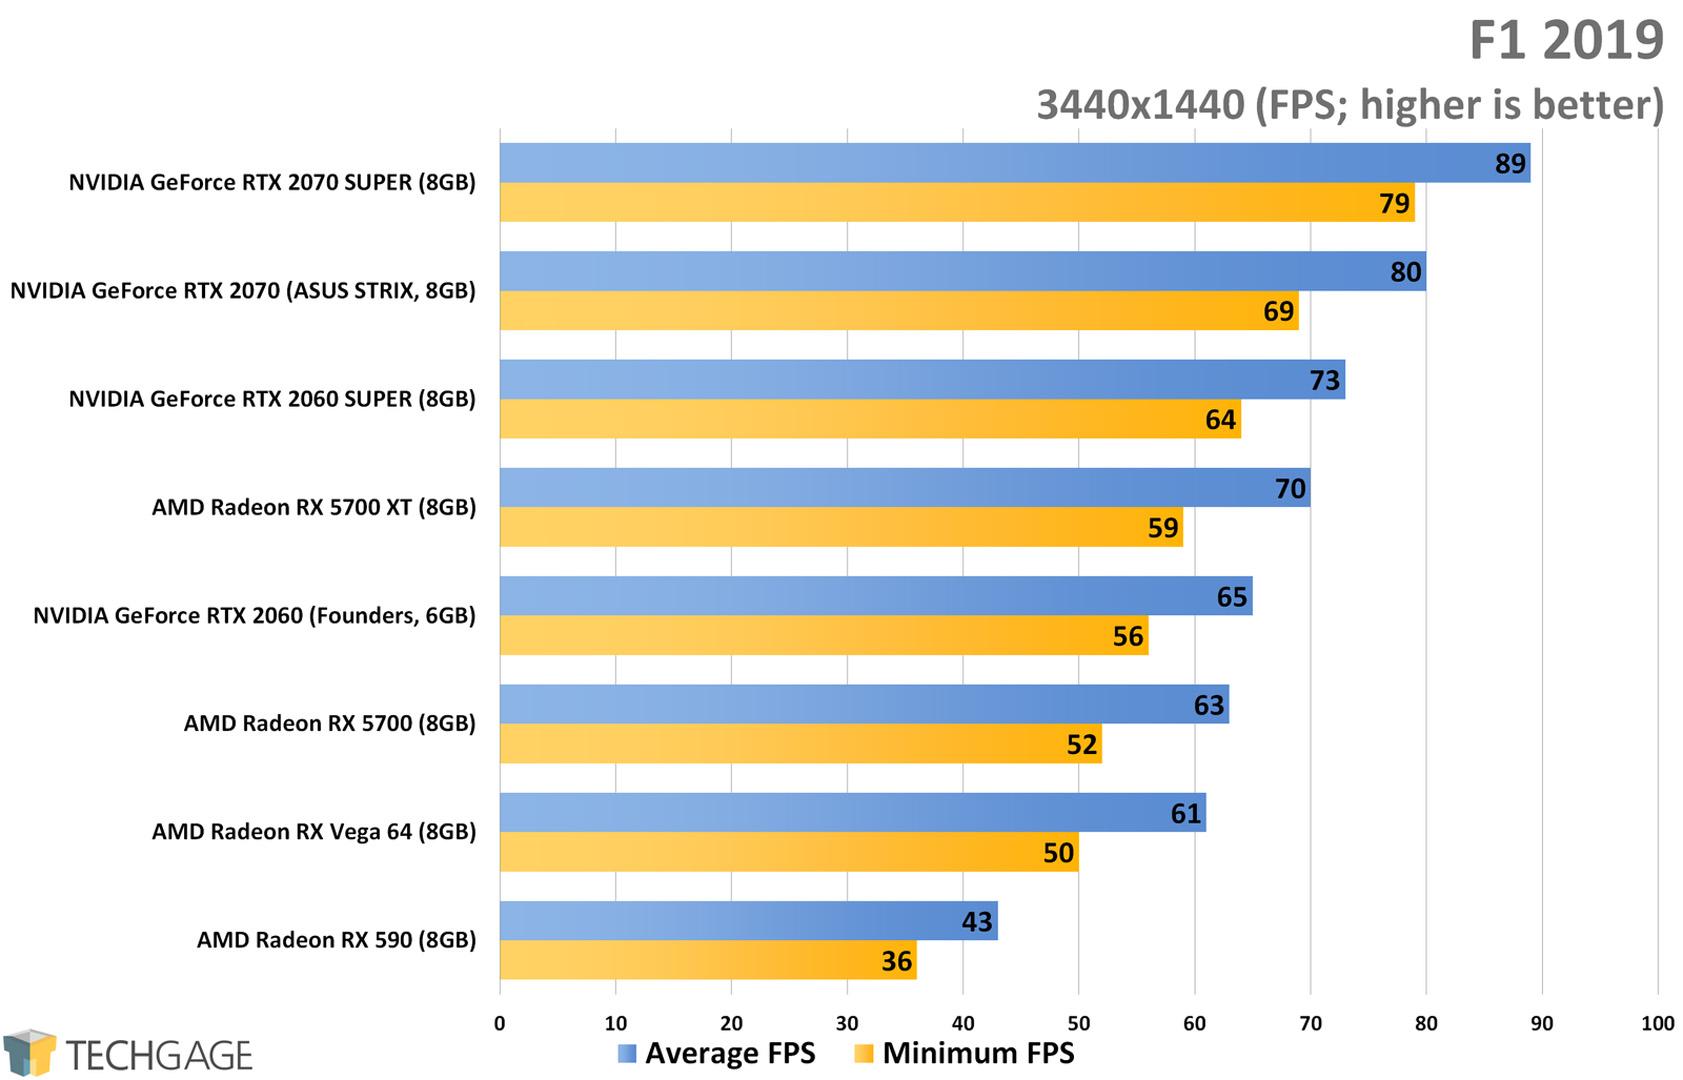 F1 2019 (3440x1440 Ultrawide) - AMD Radeon RX 5700 XT and RX 5700 Performance